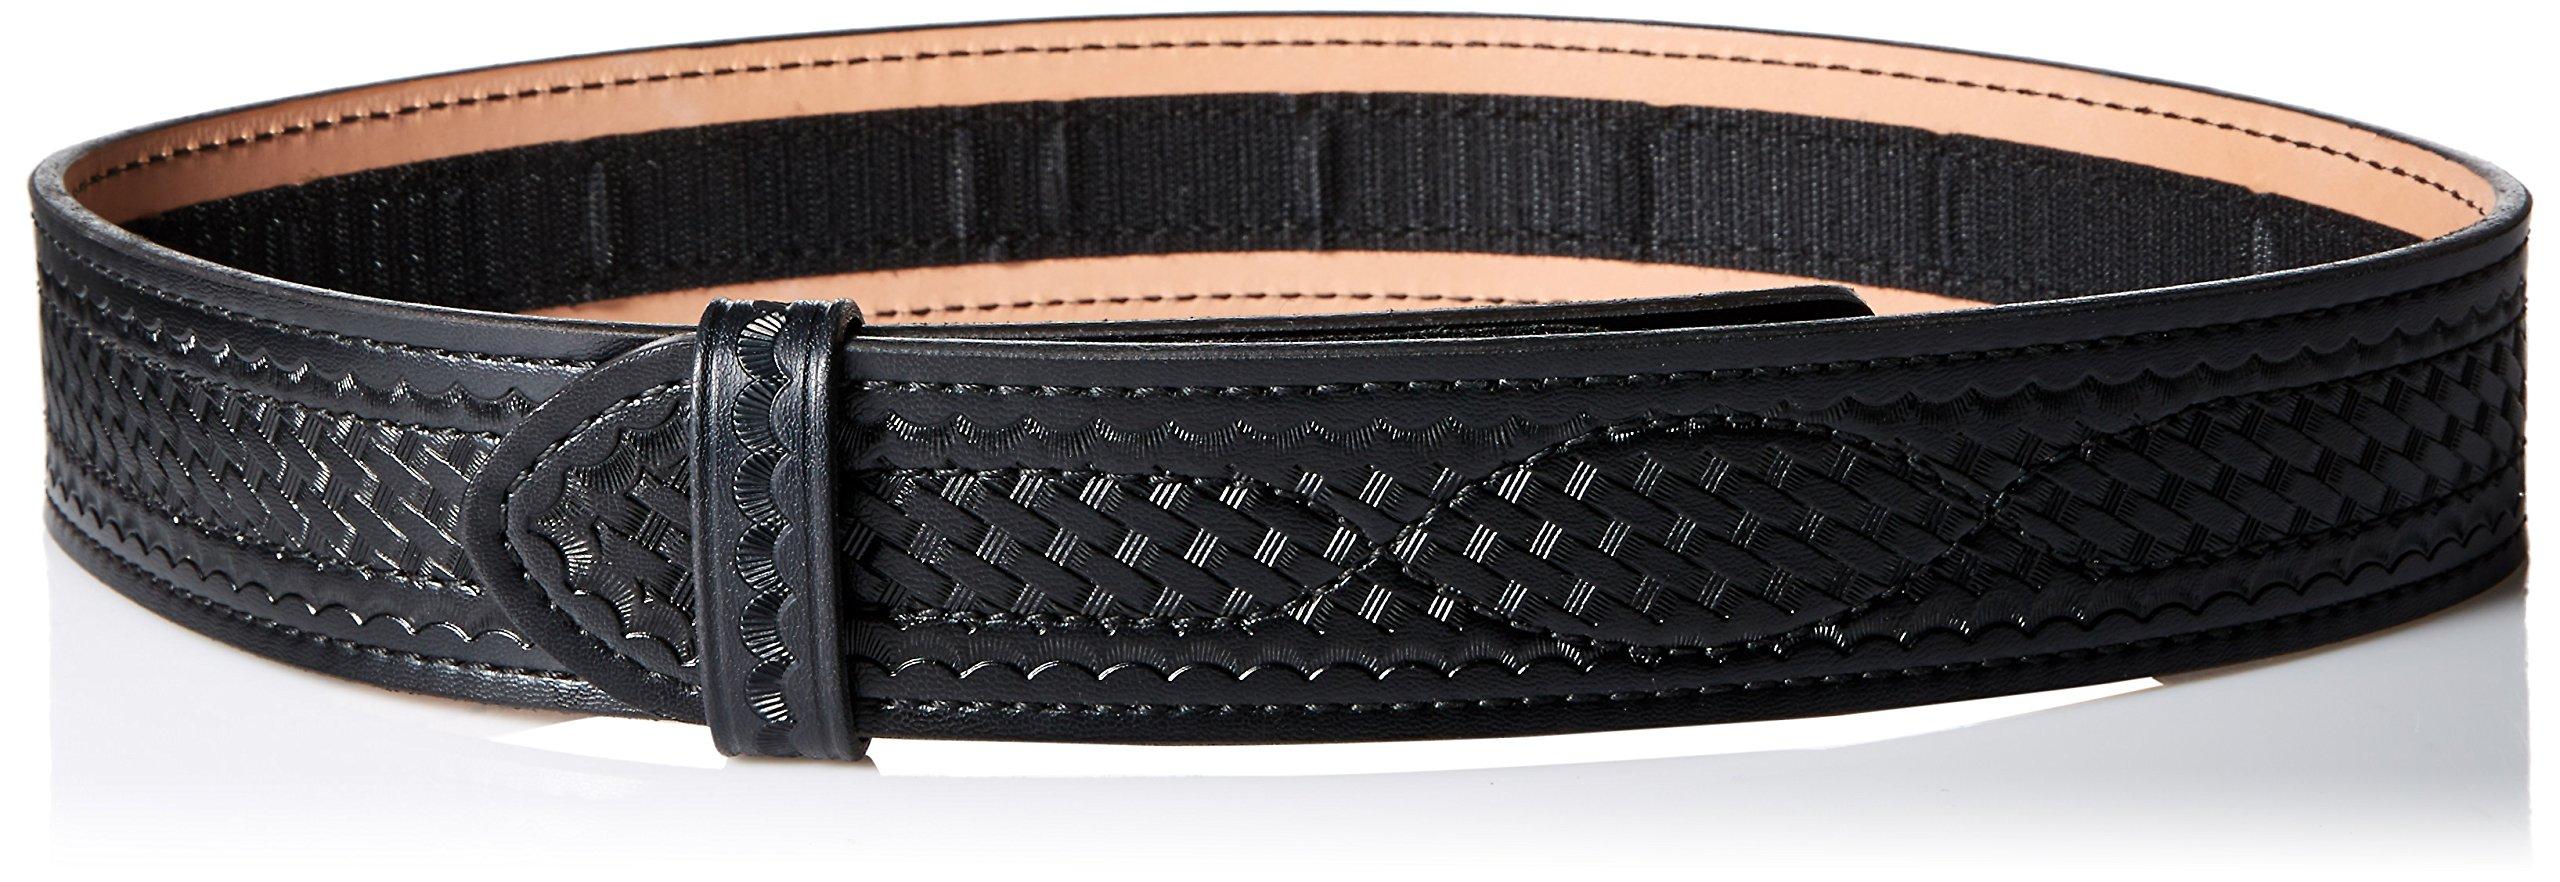 Safariland 94 Duty Belt from Buckleless Duty Belt (Basketweave, Black, Size 36) by Safariland